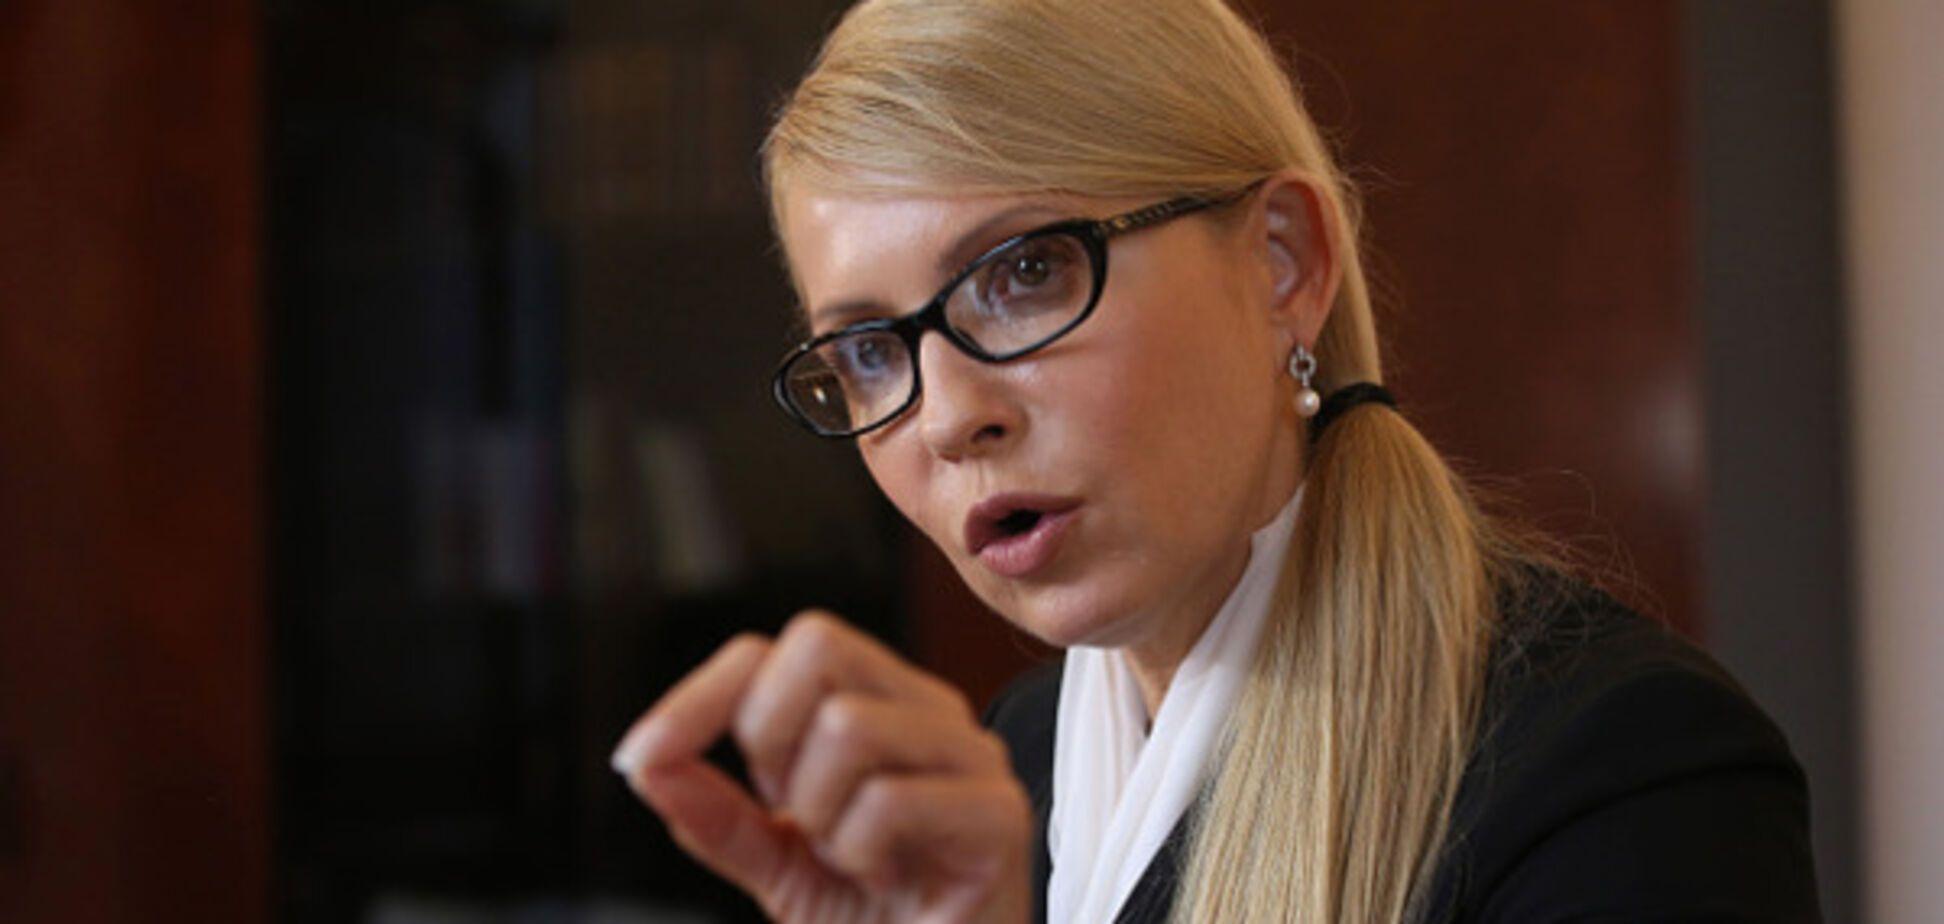 'Все было достойно': Тимошенко рассказала о своей встрече с Трампом